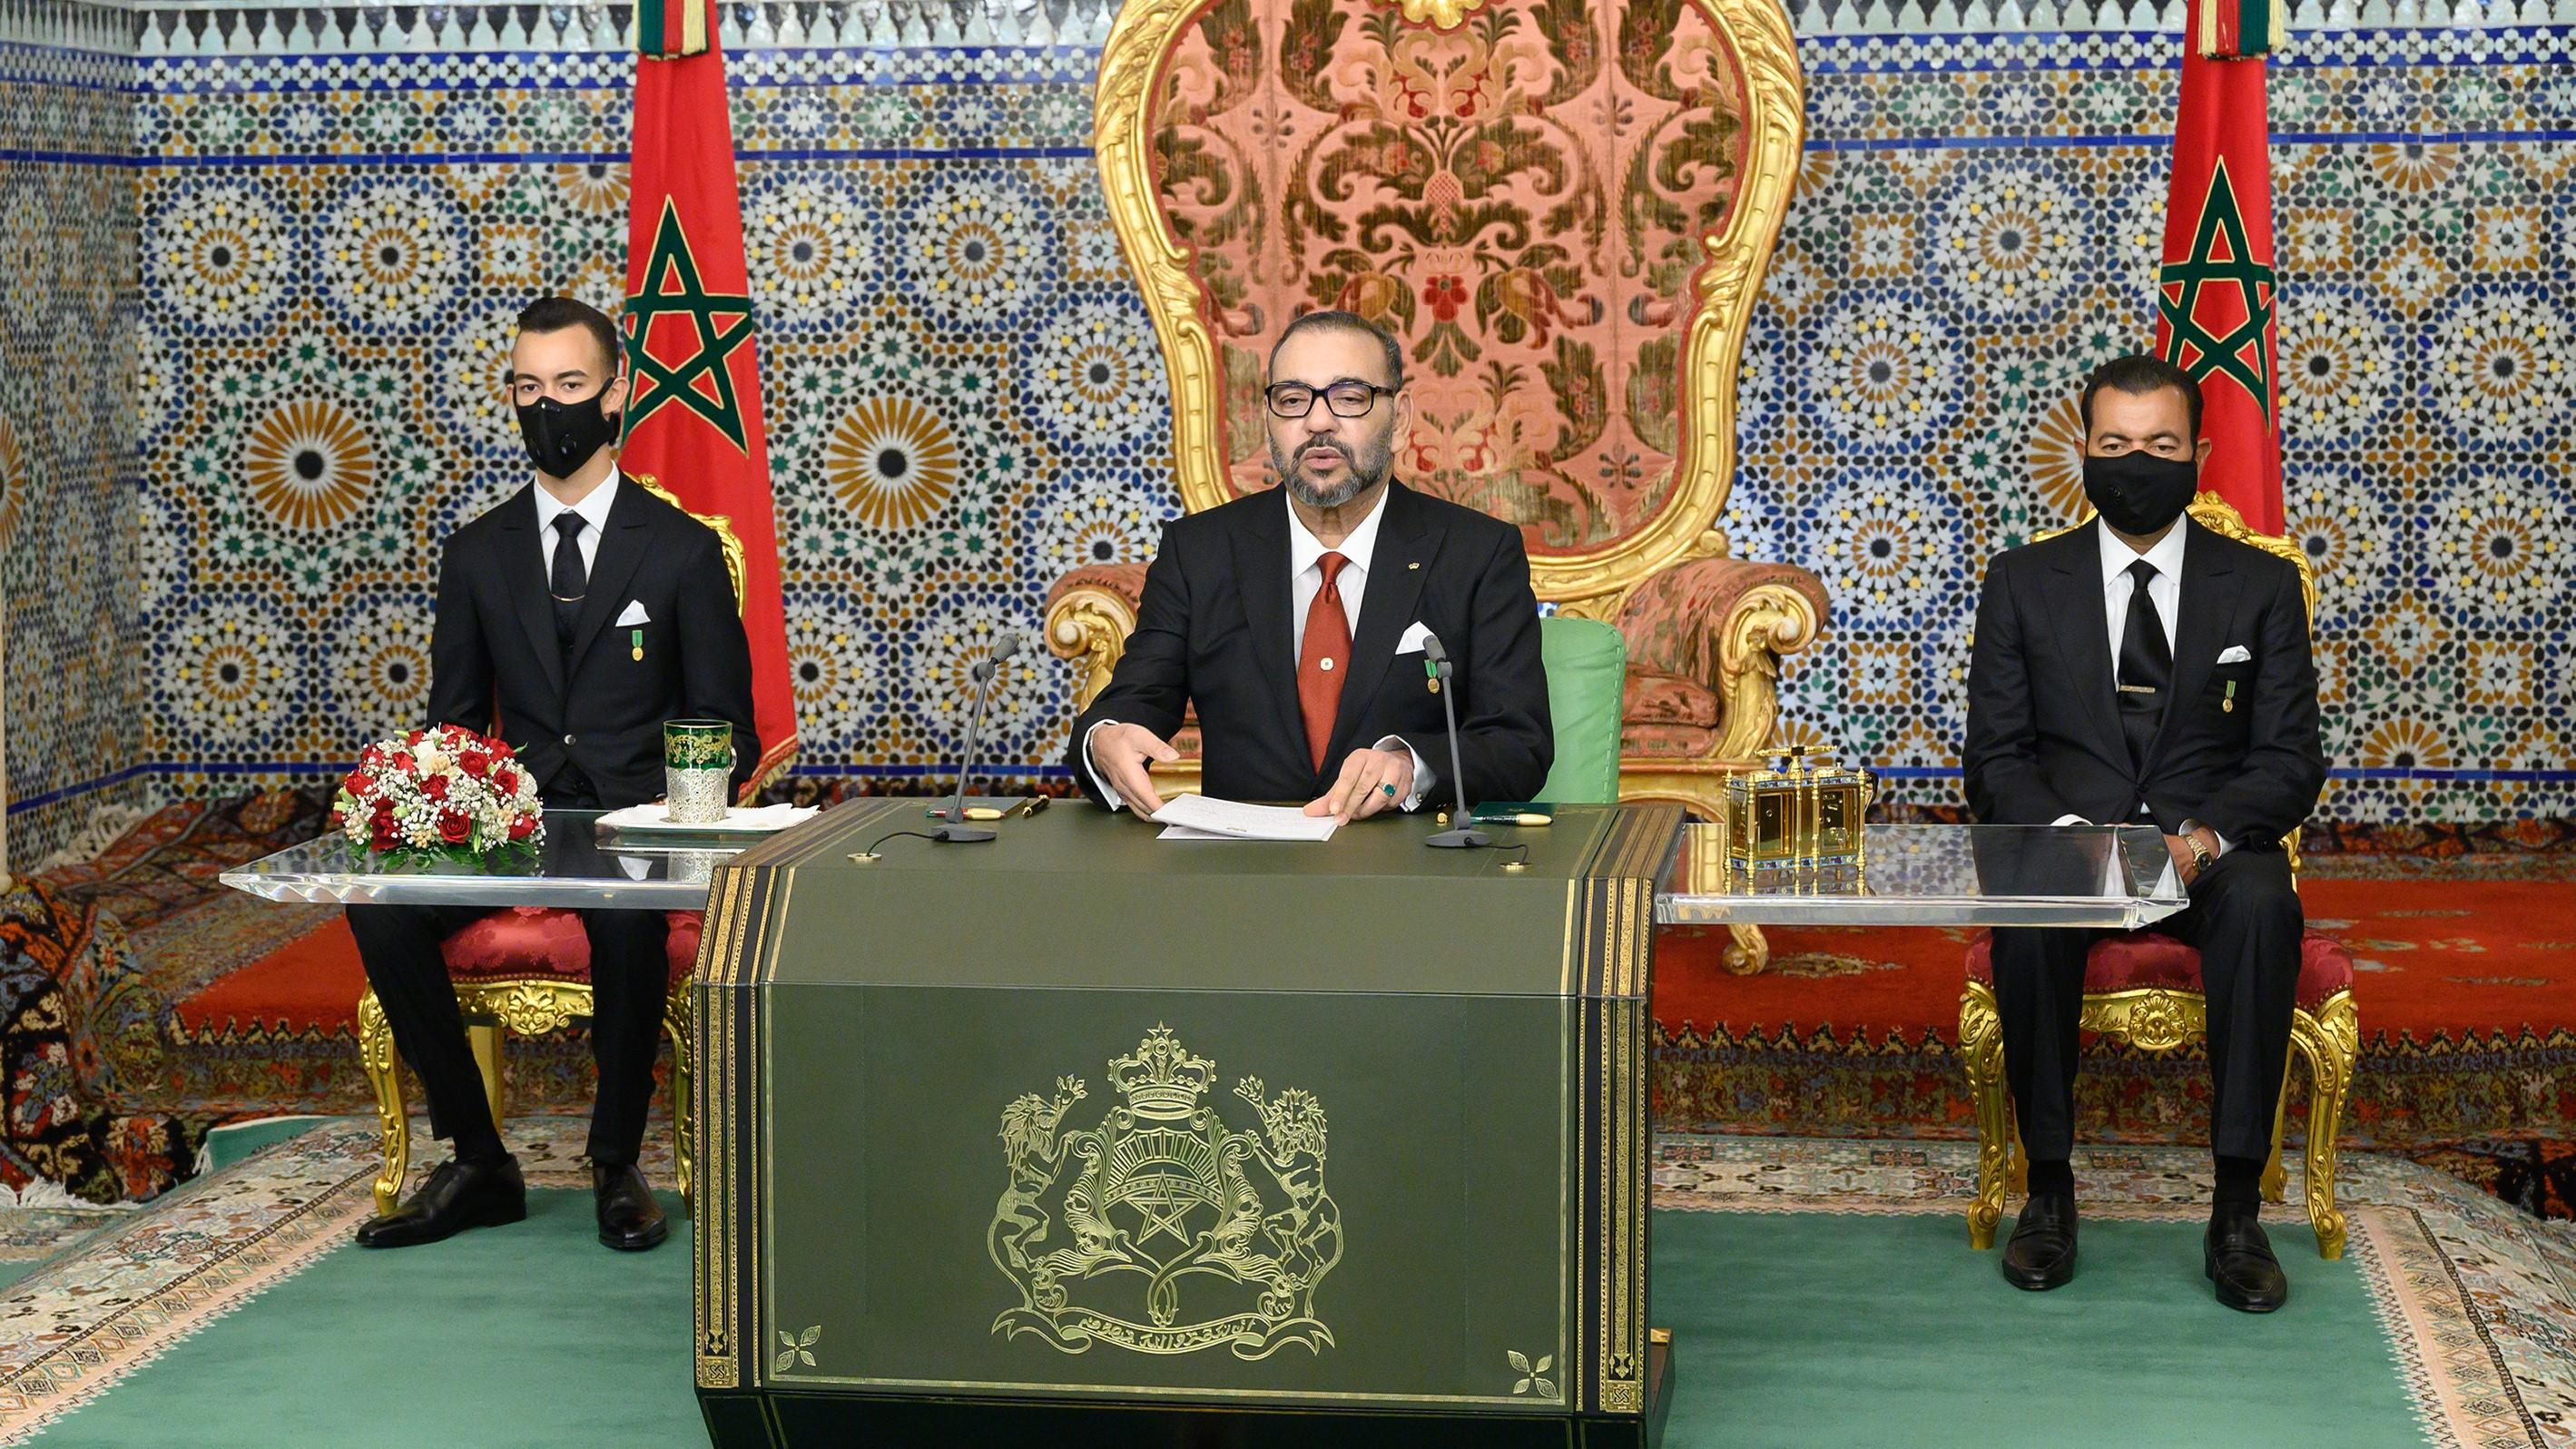 SM le Roi Mohammed VI adresse un discours à la Nation à l'occasion du 45-ème anniversaire de la Marche Verte.